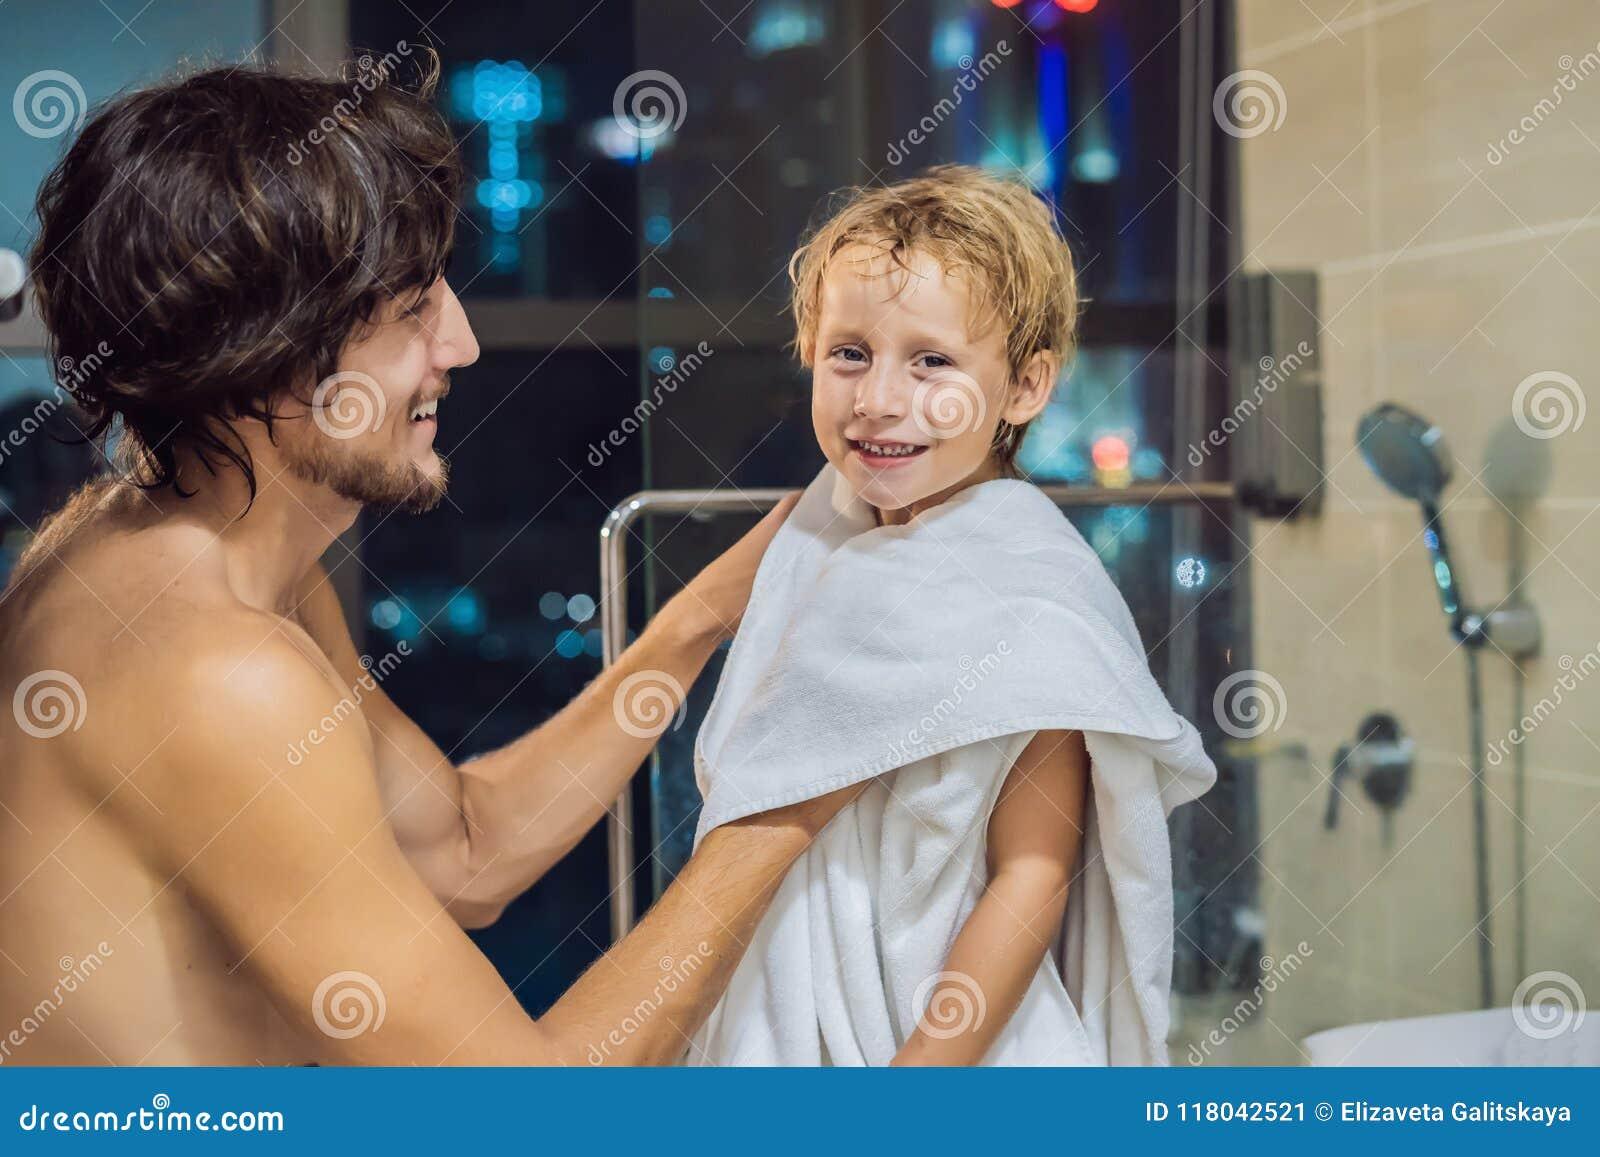 De papa veegt zijn zoon met een handdoek na een douche in avond af BEF